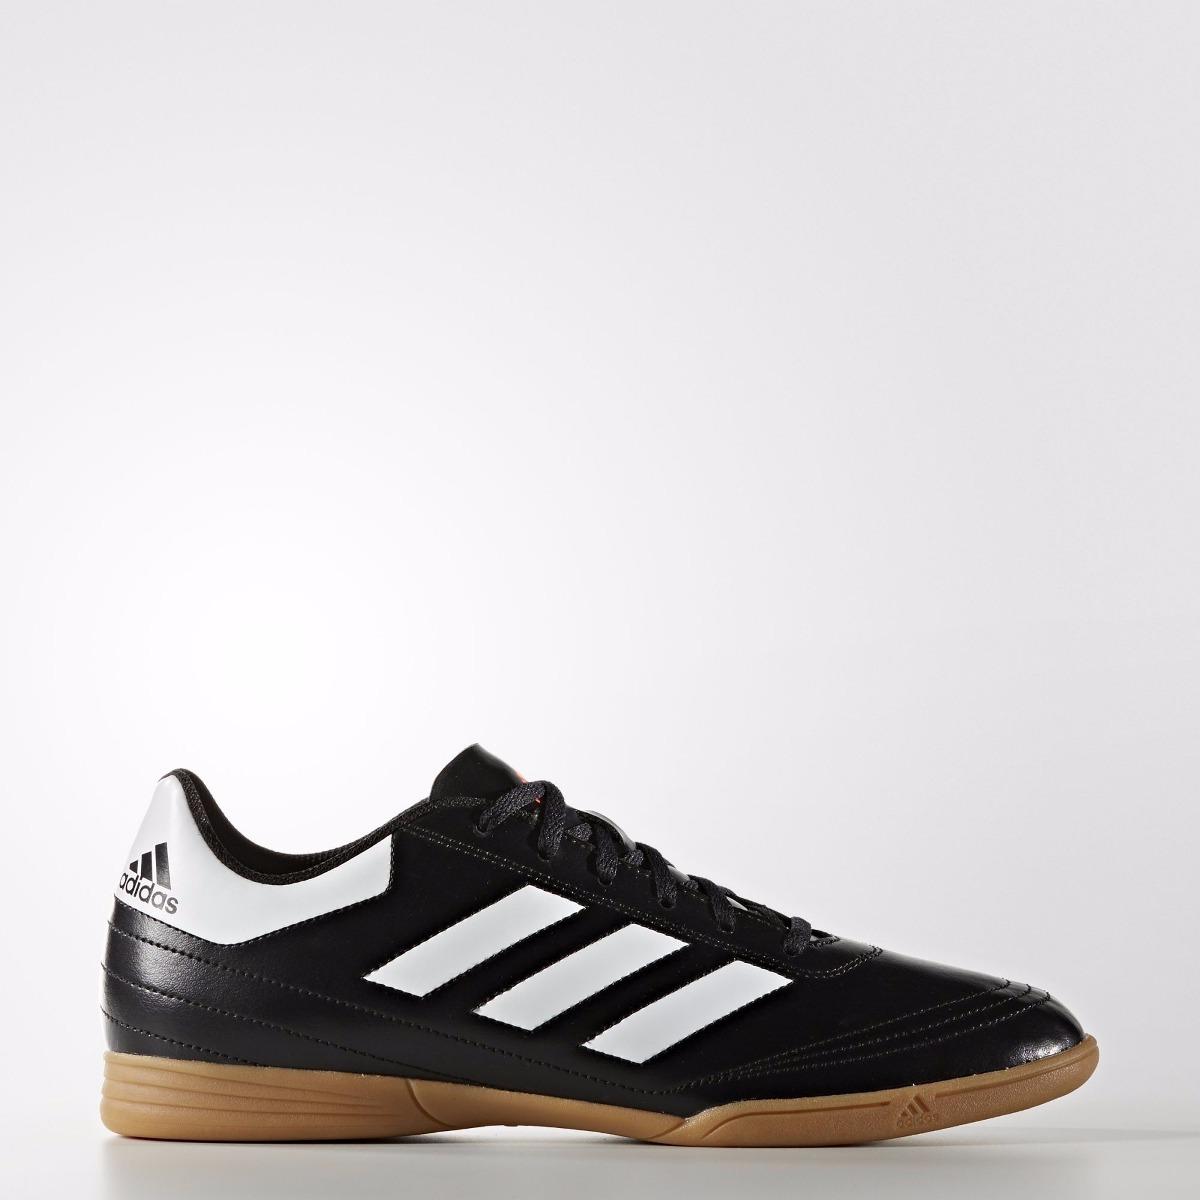 zapatillas adidas para futsal y grass sintetico ndph. Cargando zoom. e314c46d23861